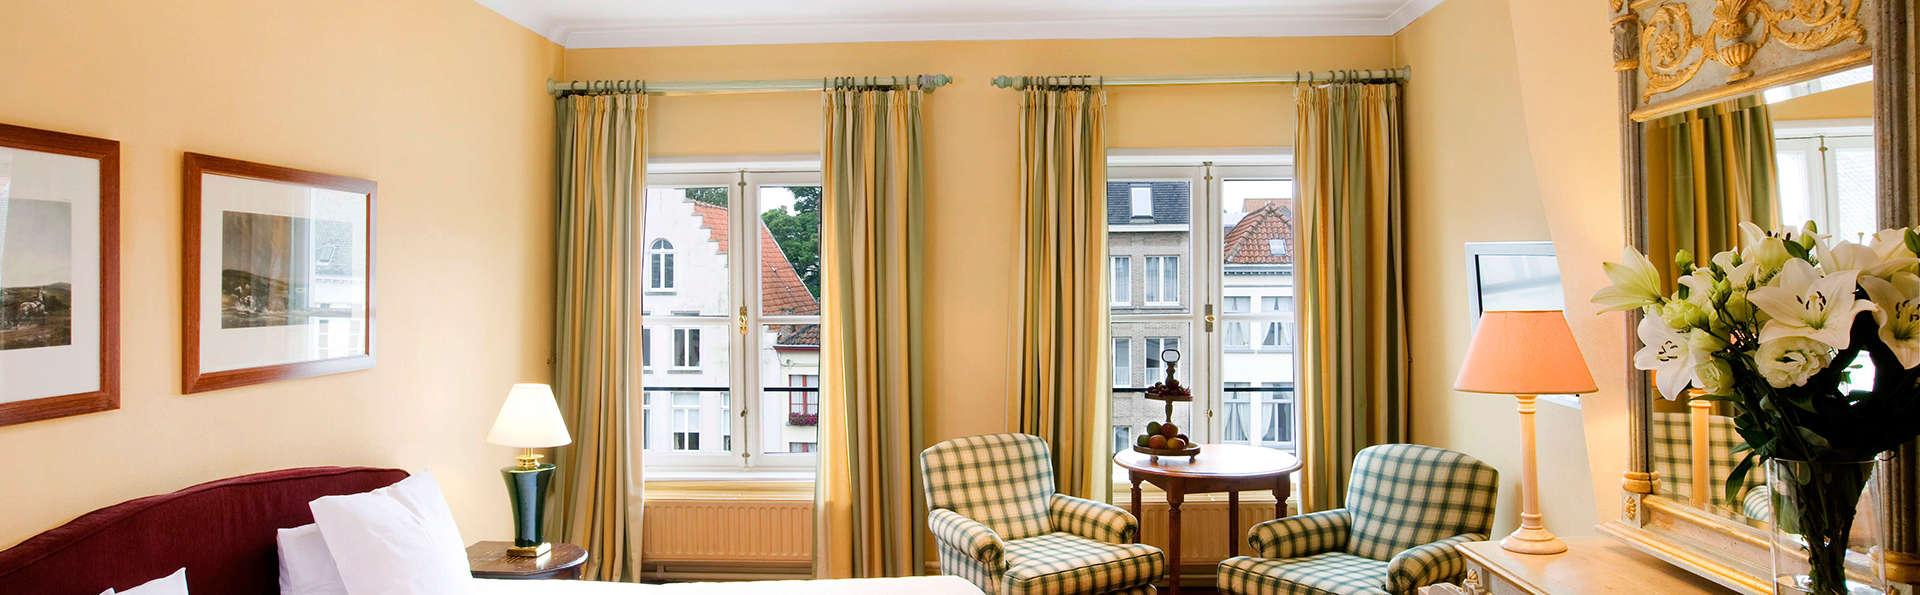 Séjour de charme à Bruges